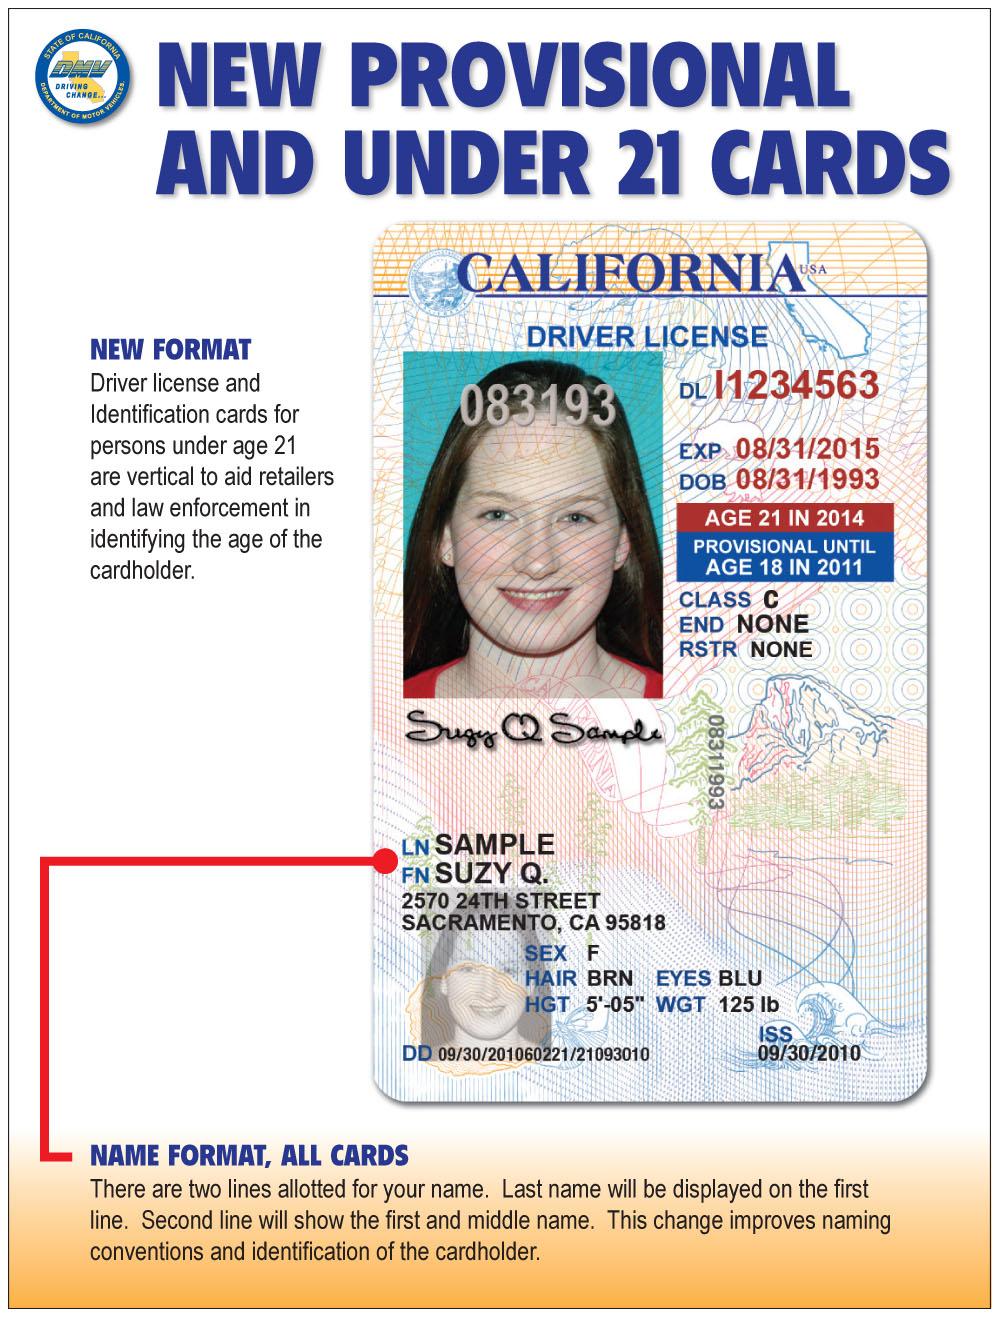 California driver license issue date in Brisbane